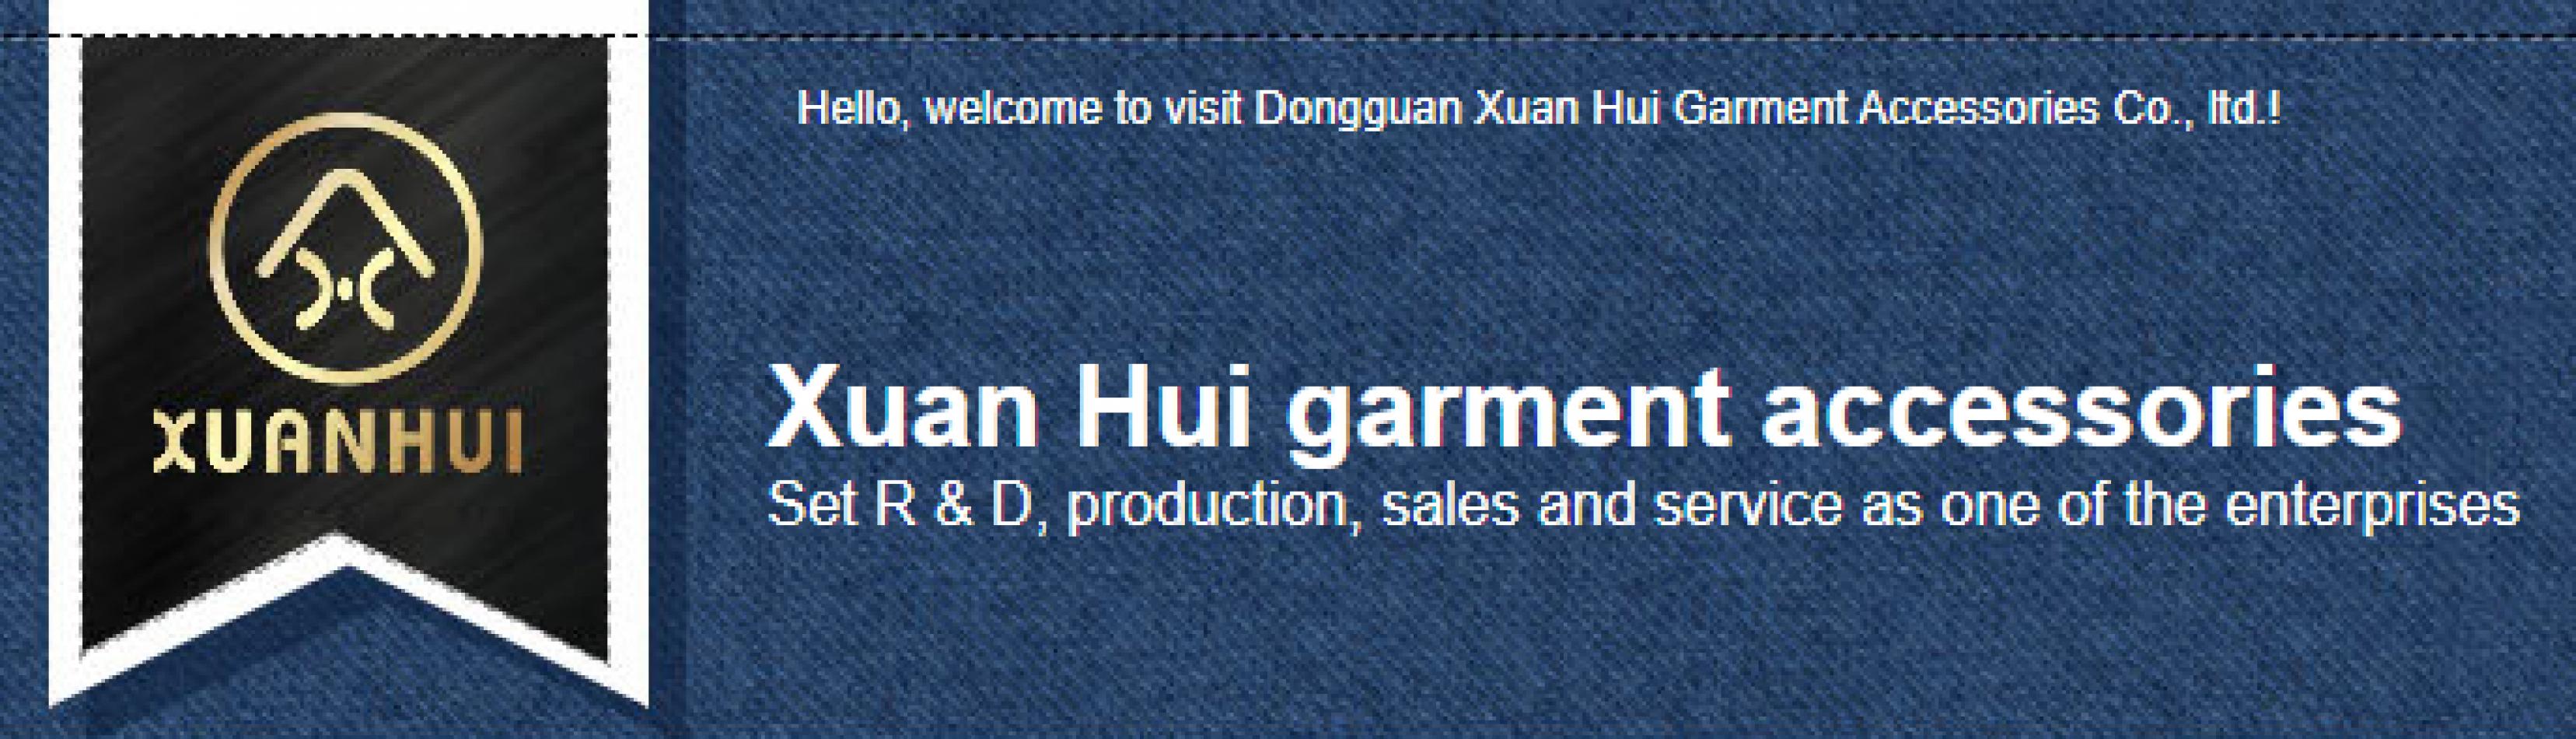 Dongguan Jingchuan Trading Co., Ltd